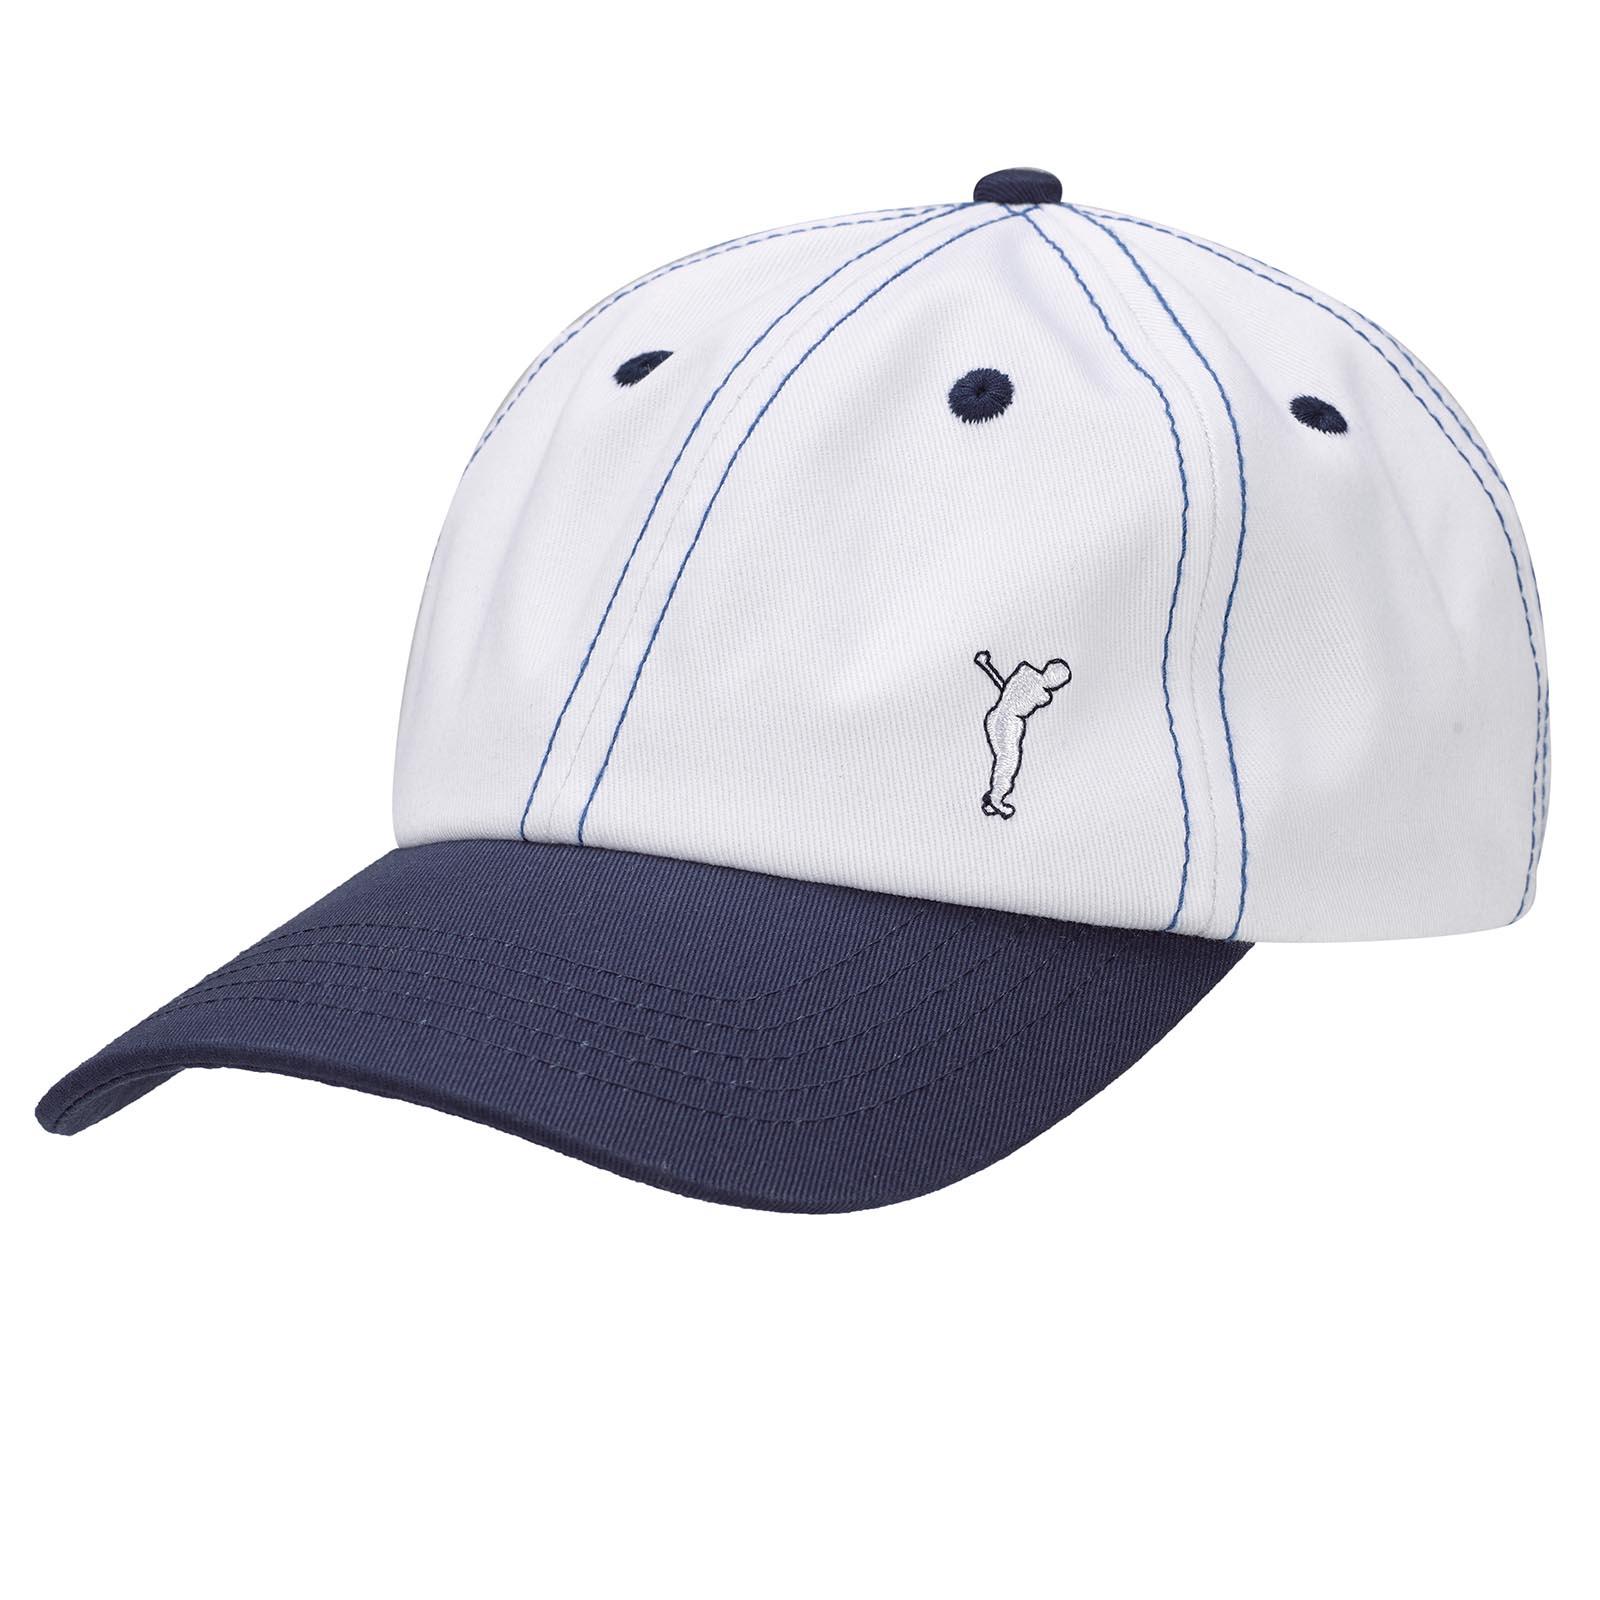 Herren Golfcap mit Tee Holder und Golfino Tees